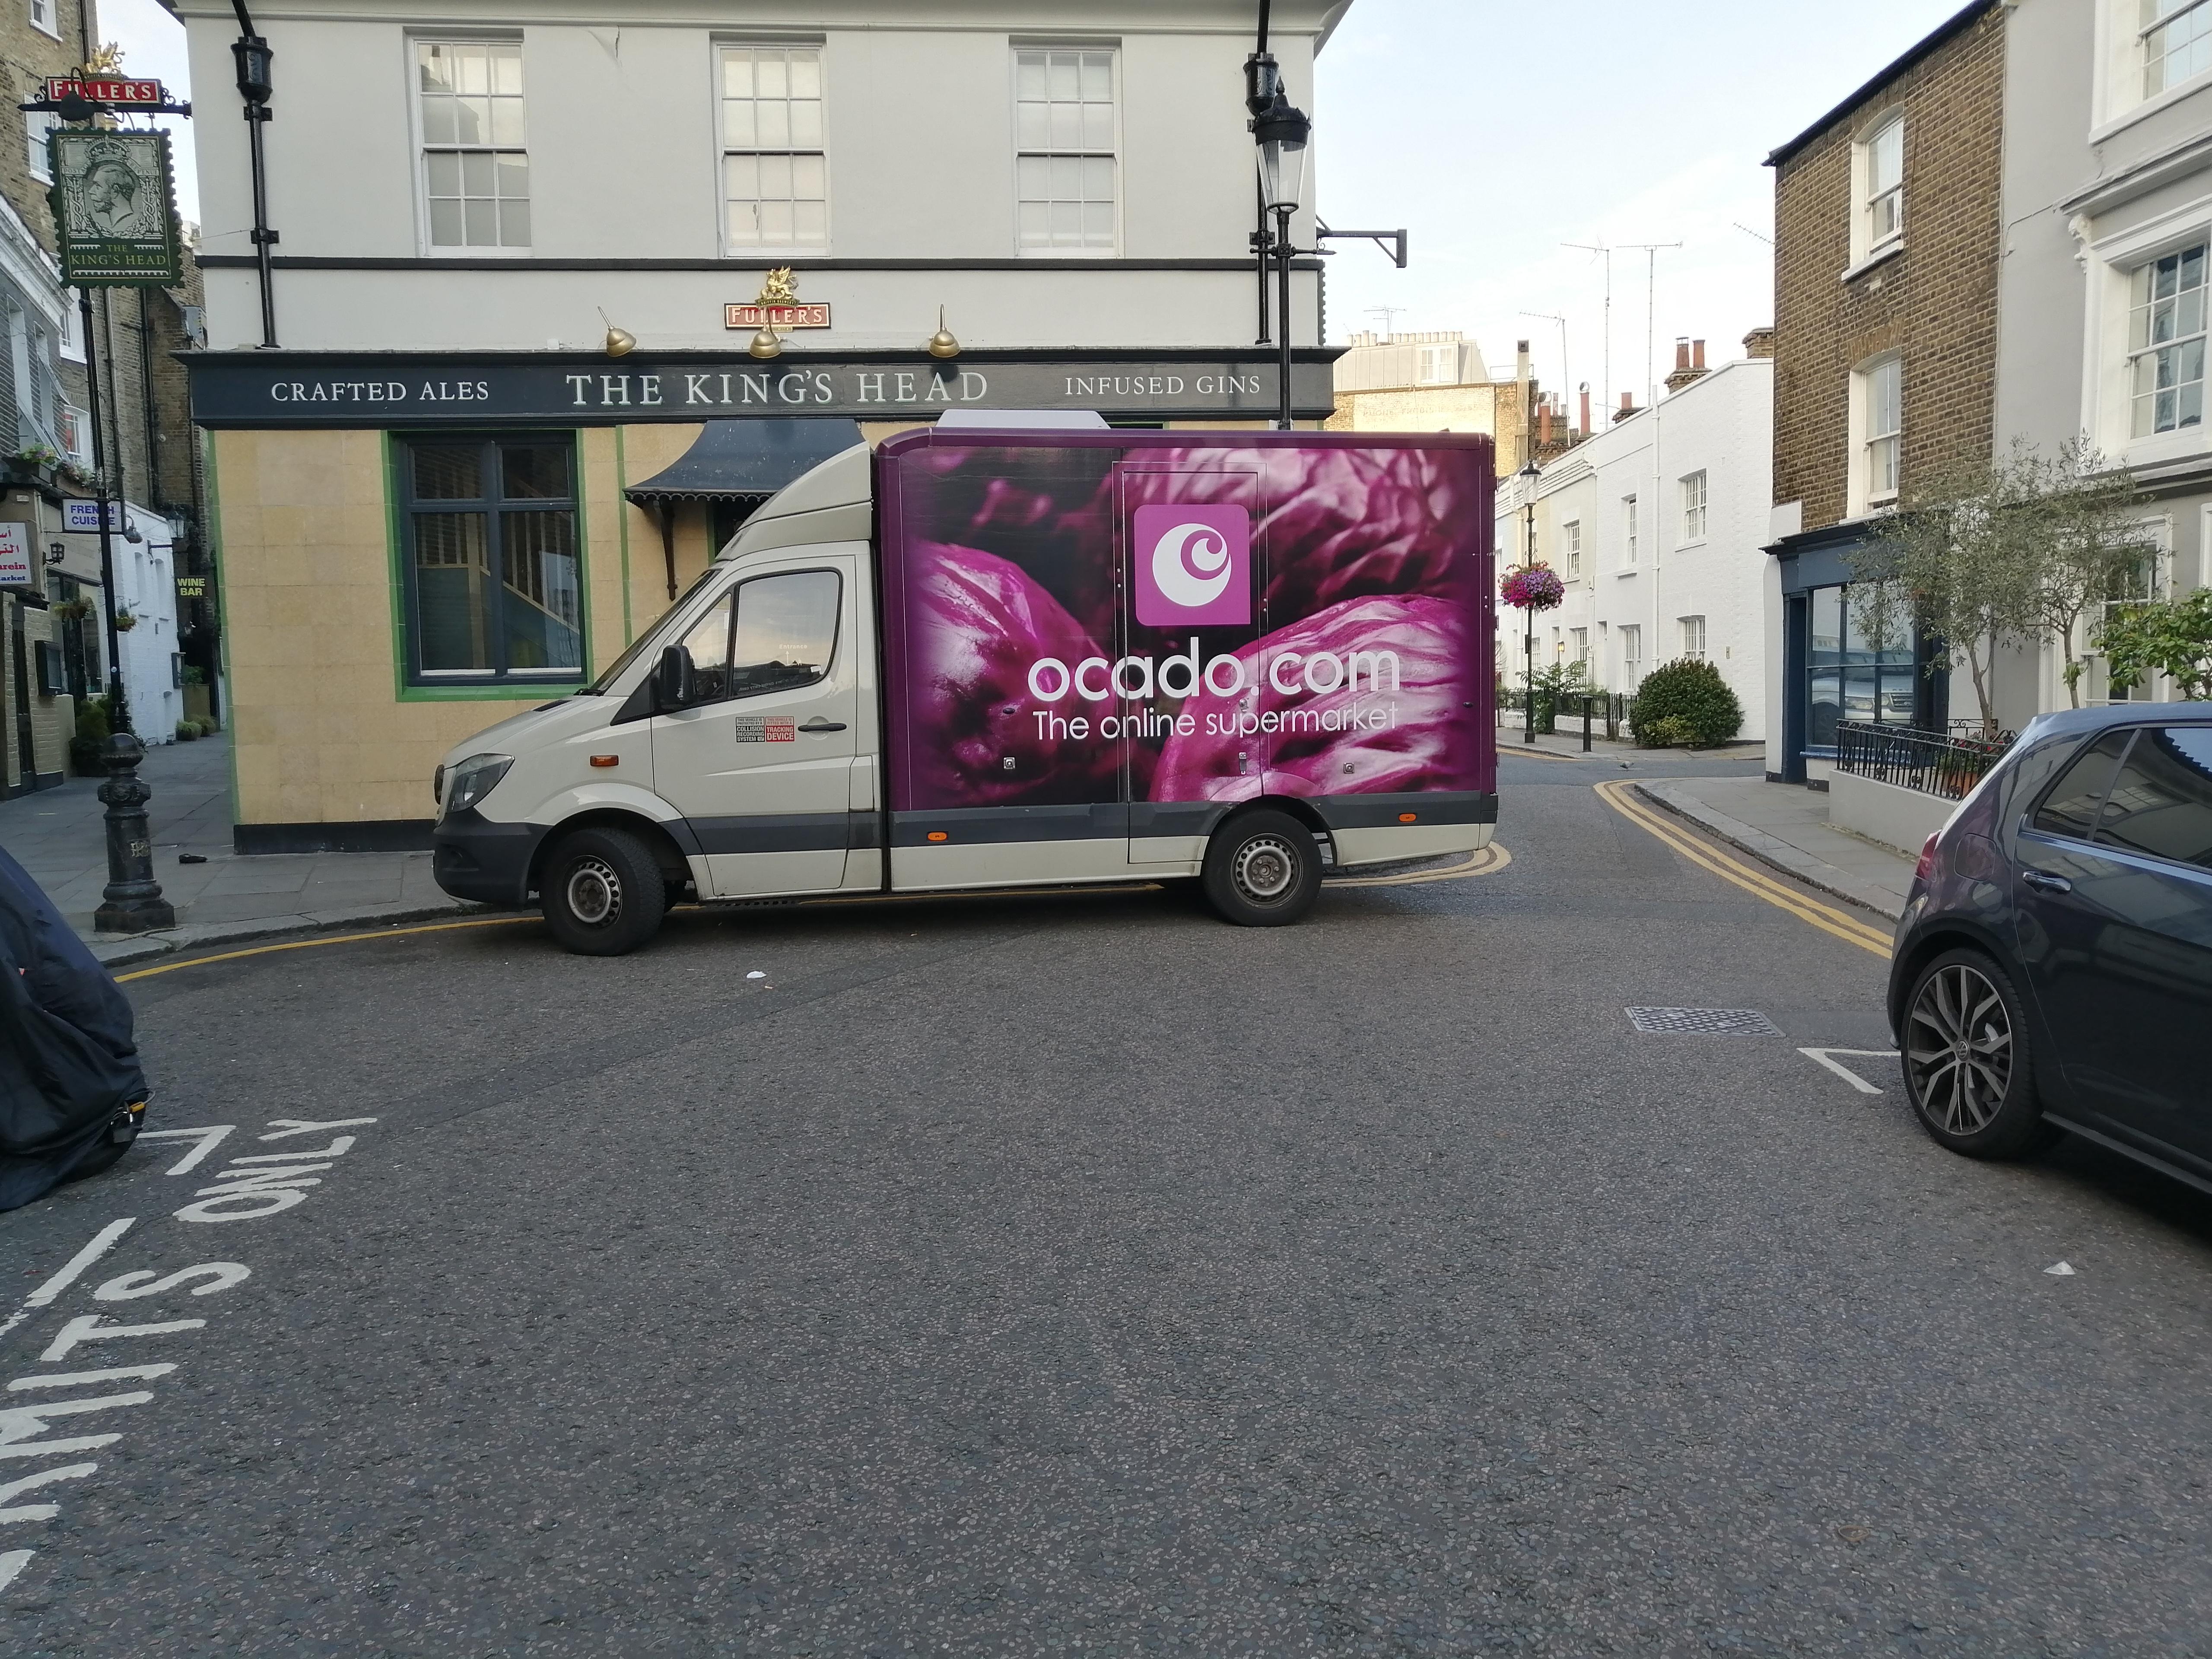 File:Ocado van, parked in Kensignton, London.jpg